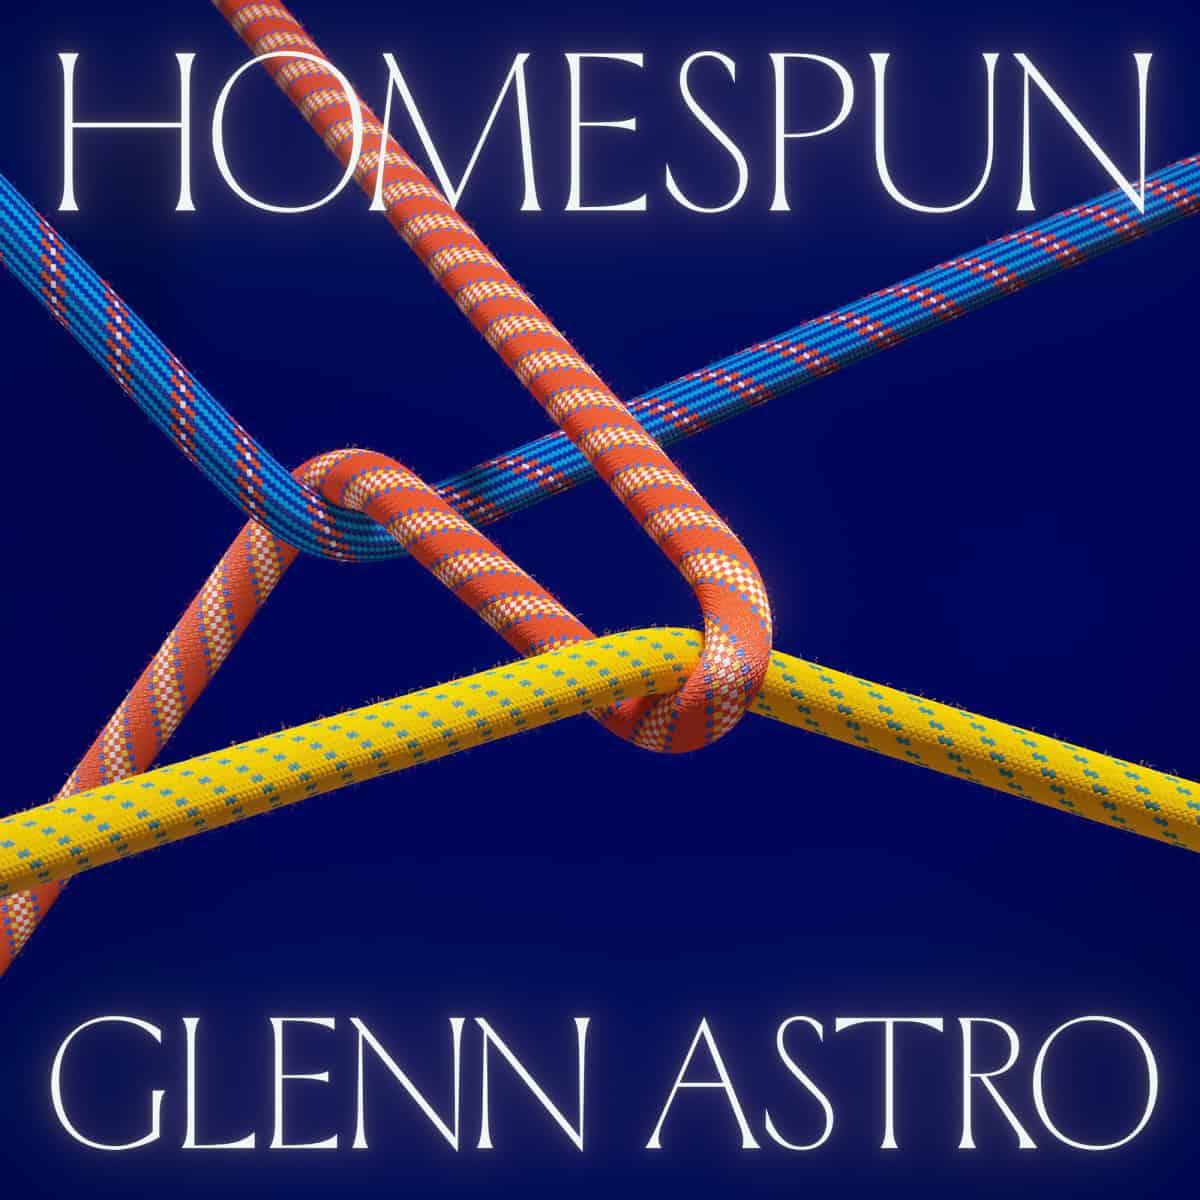 Glenn Astro